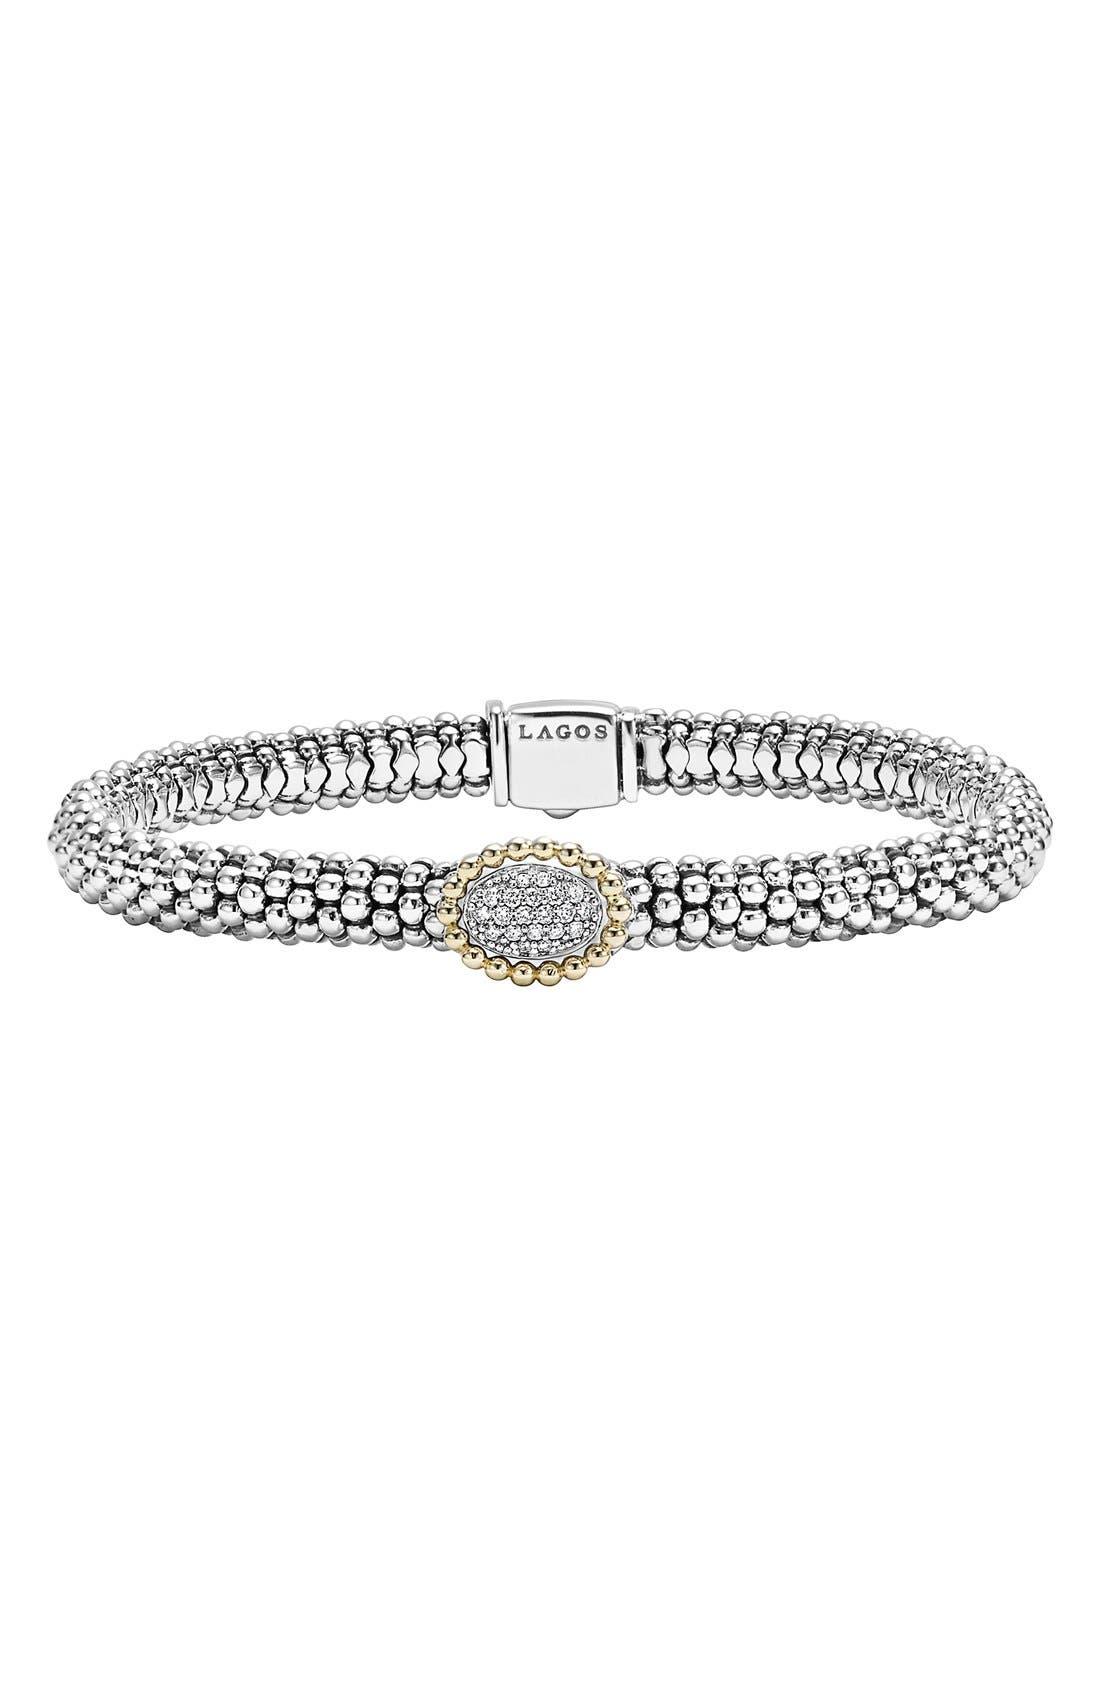 Main Image - LAGOS Diamond Caviar Oval Bracelet